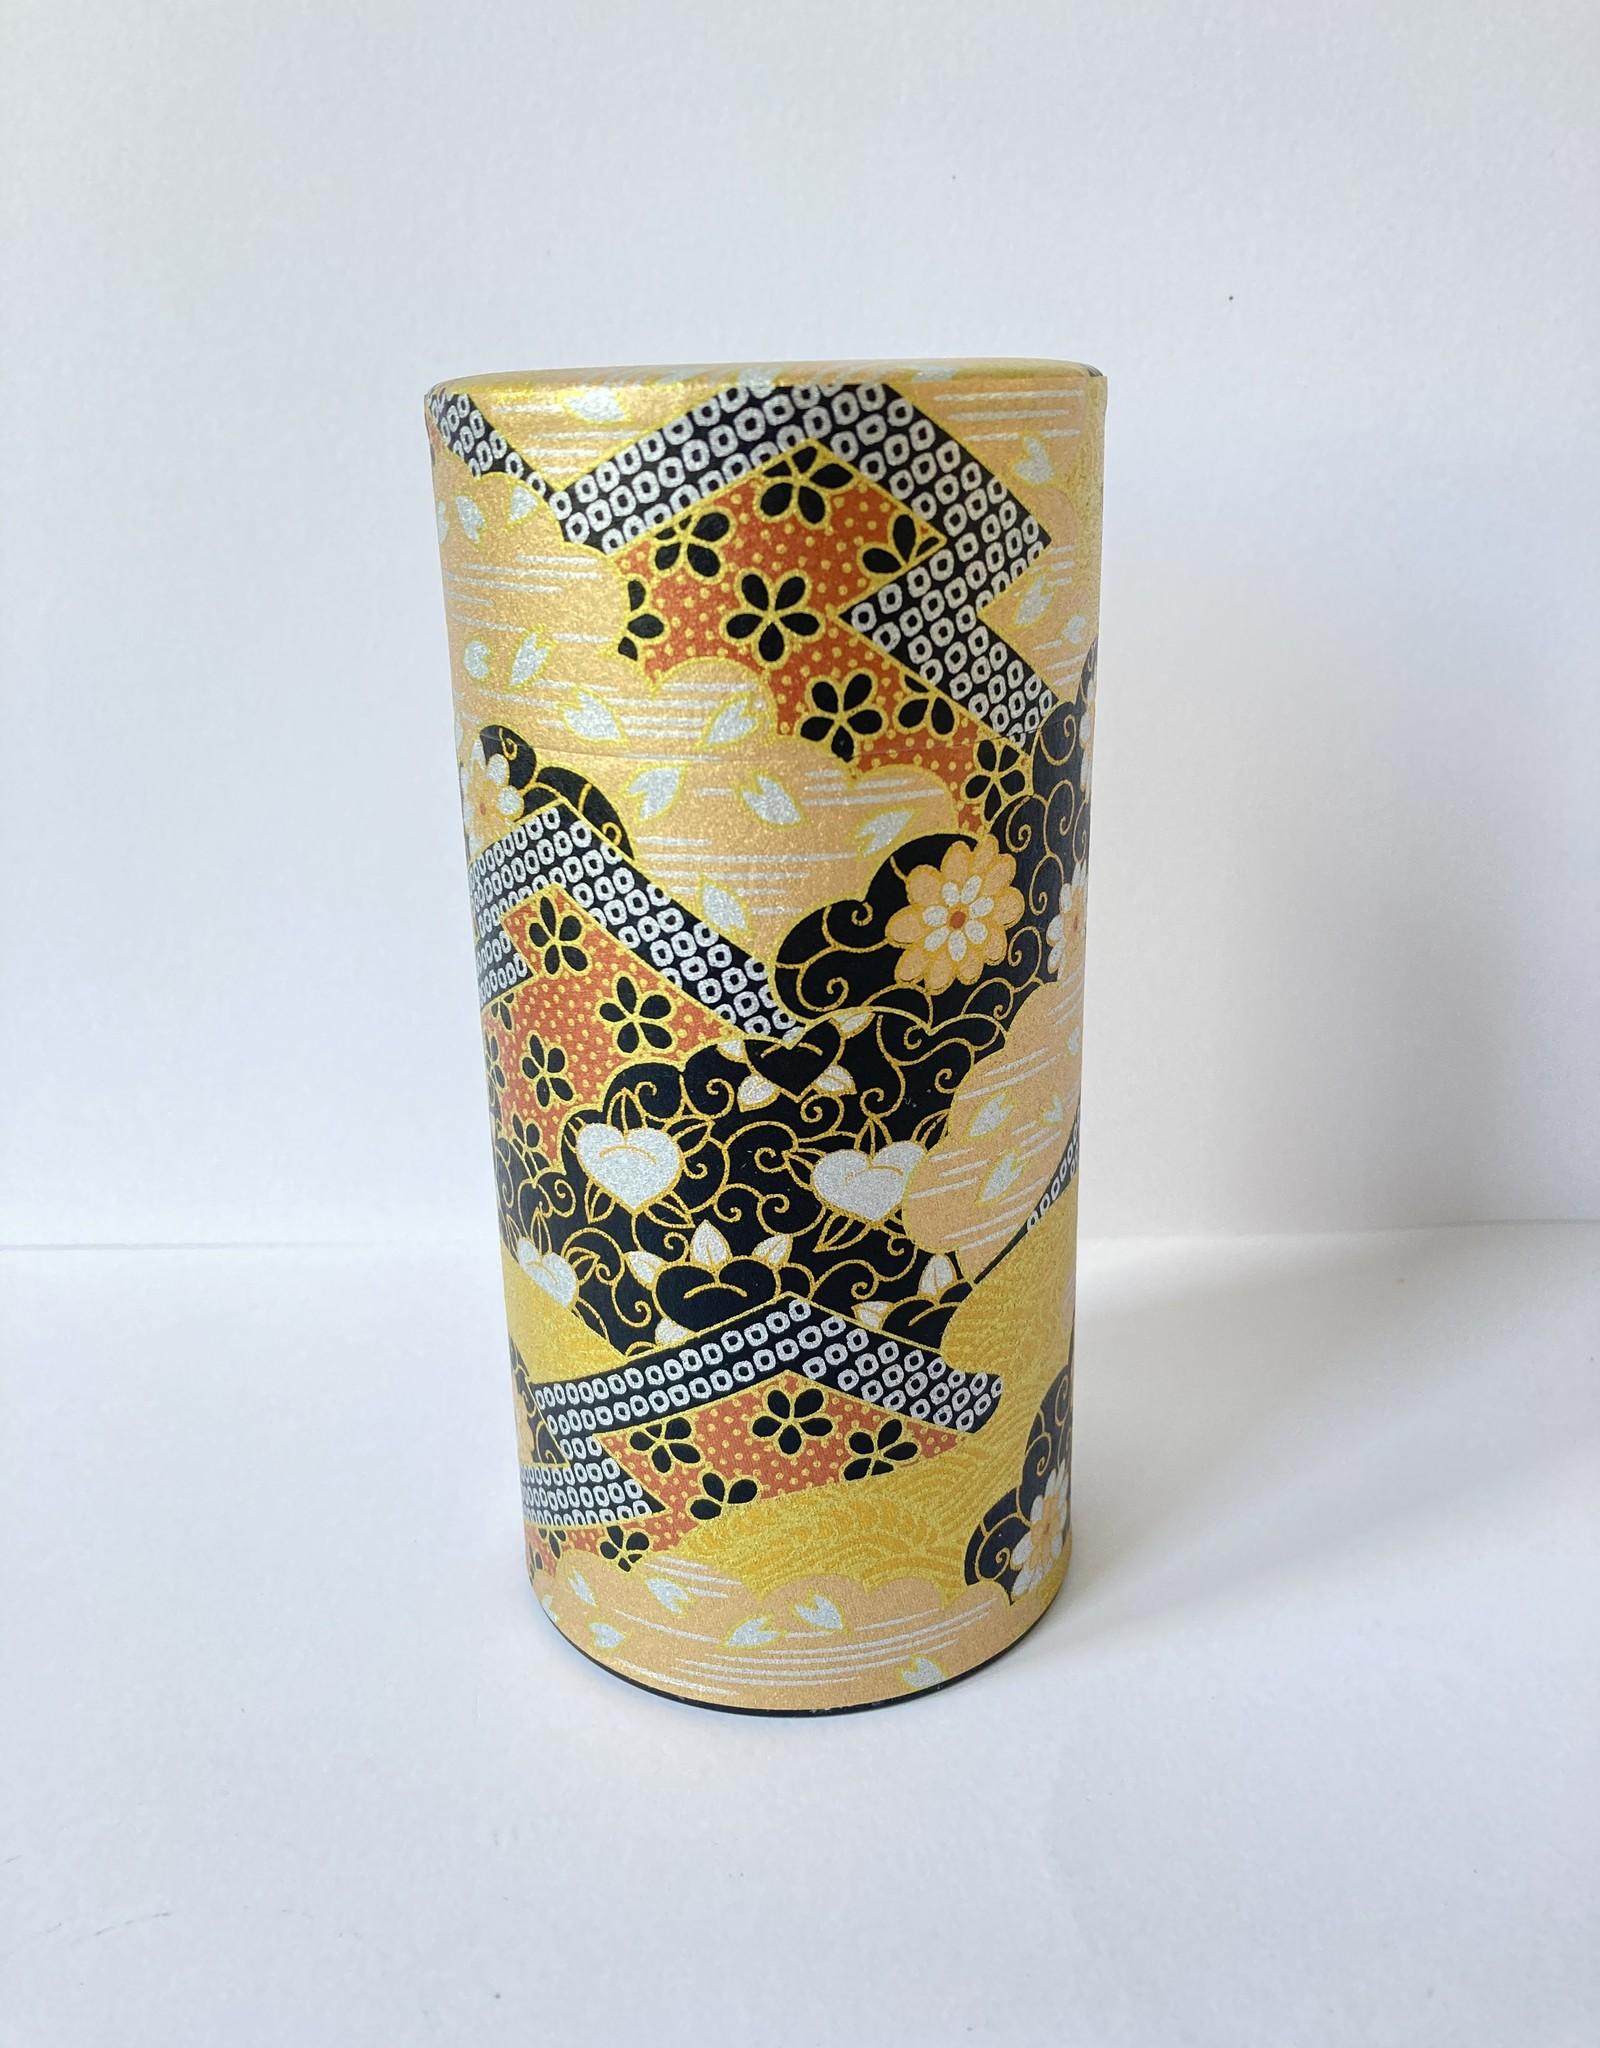 Tokyo Design Studio japans theeblik chique goud met chrysanten